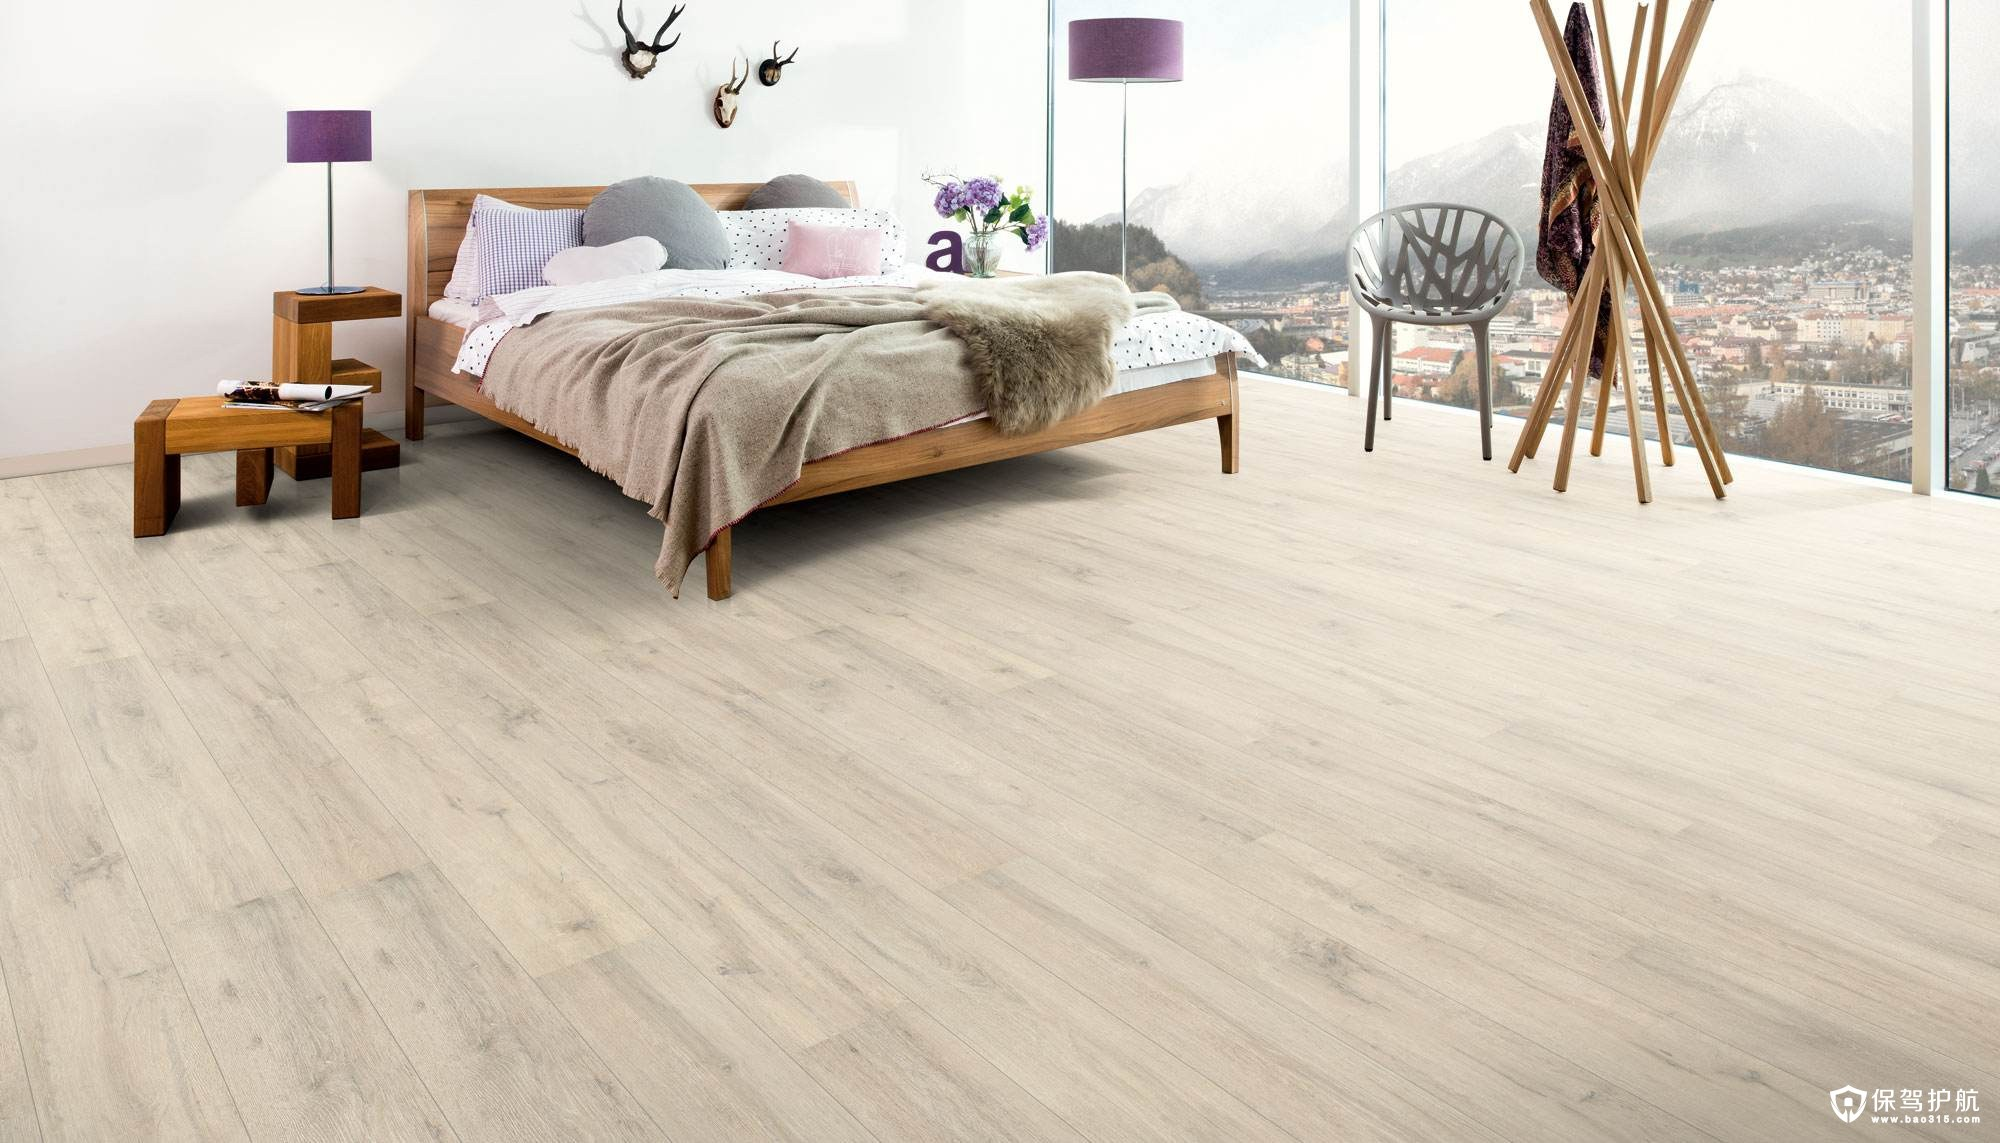 地板都有什么颜色?房间地板选什么颜色好?